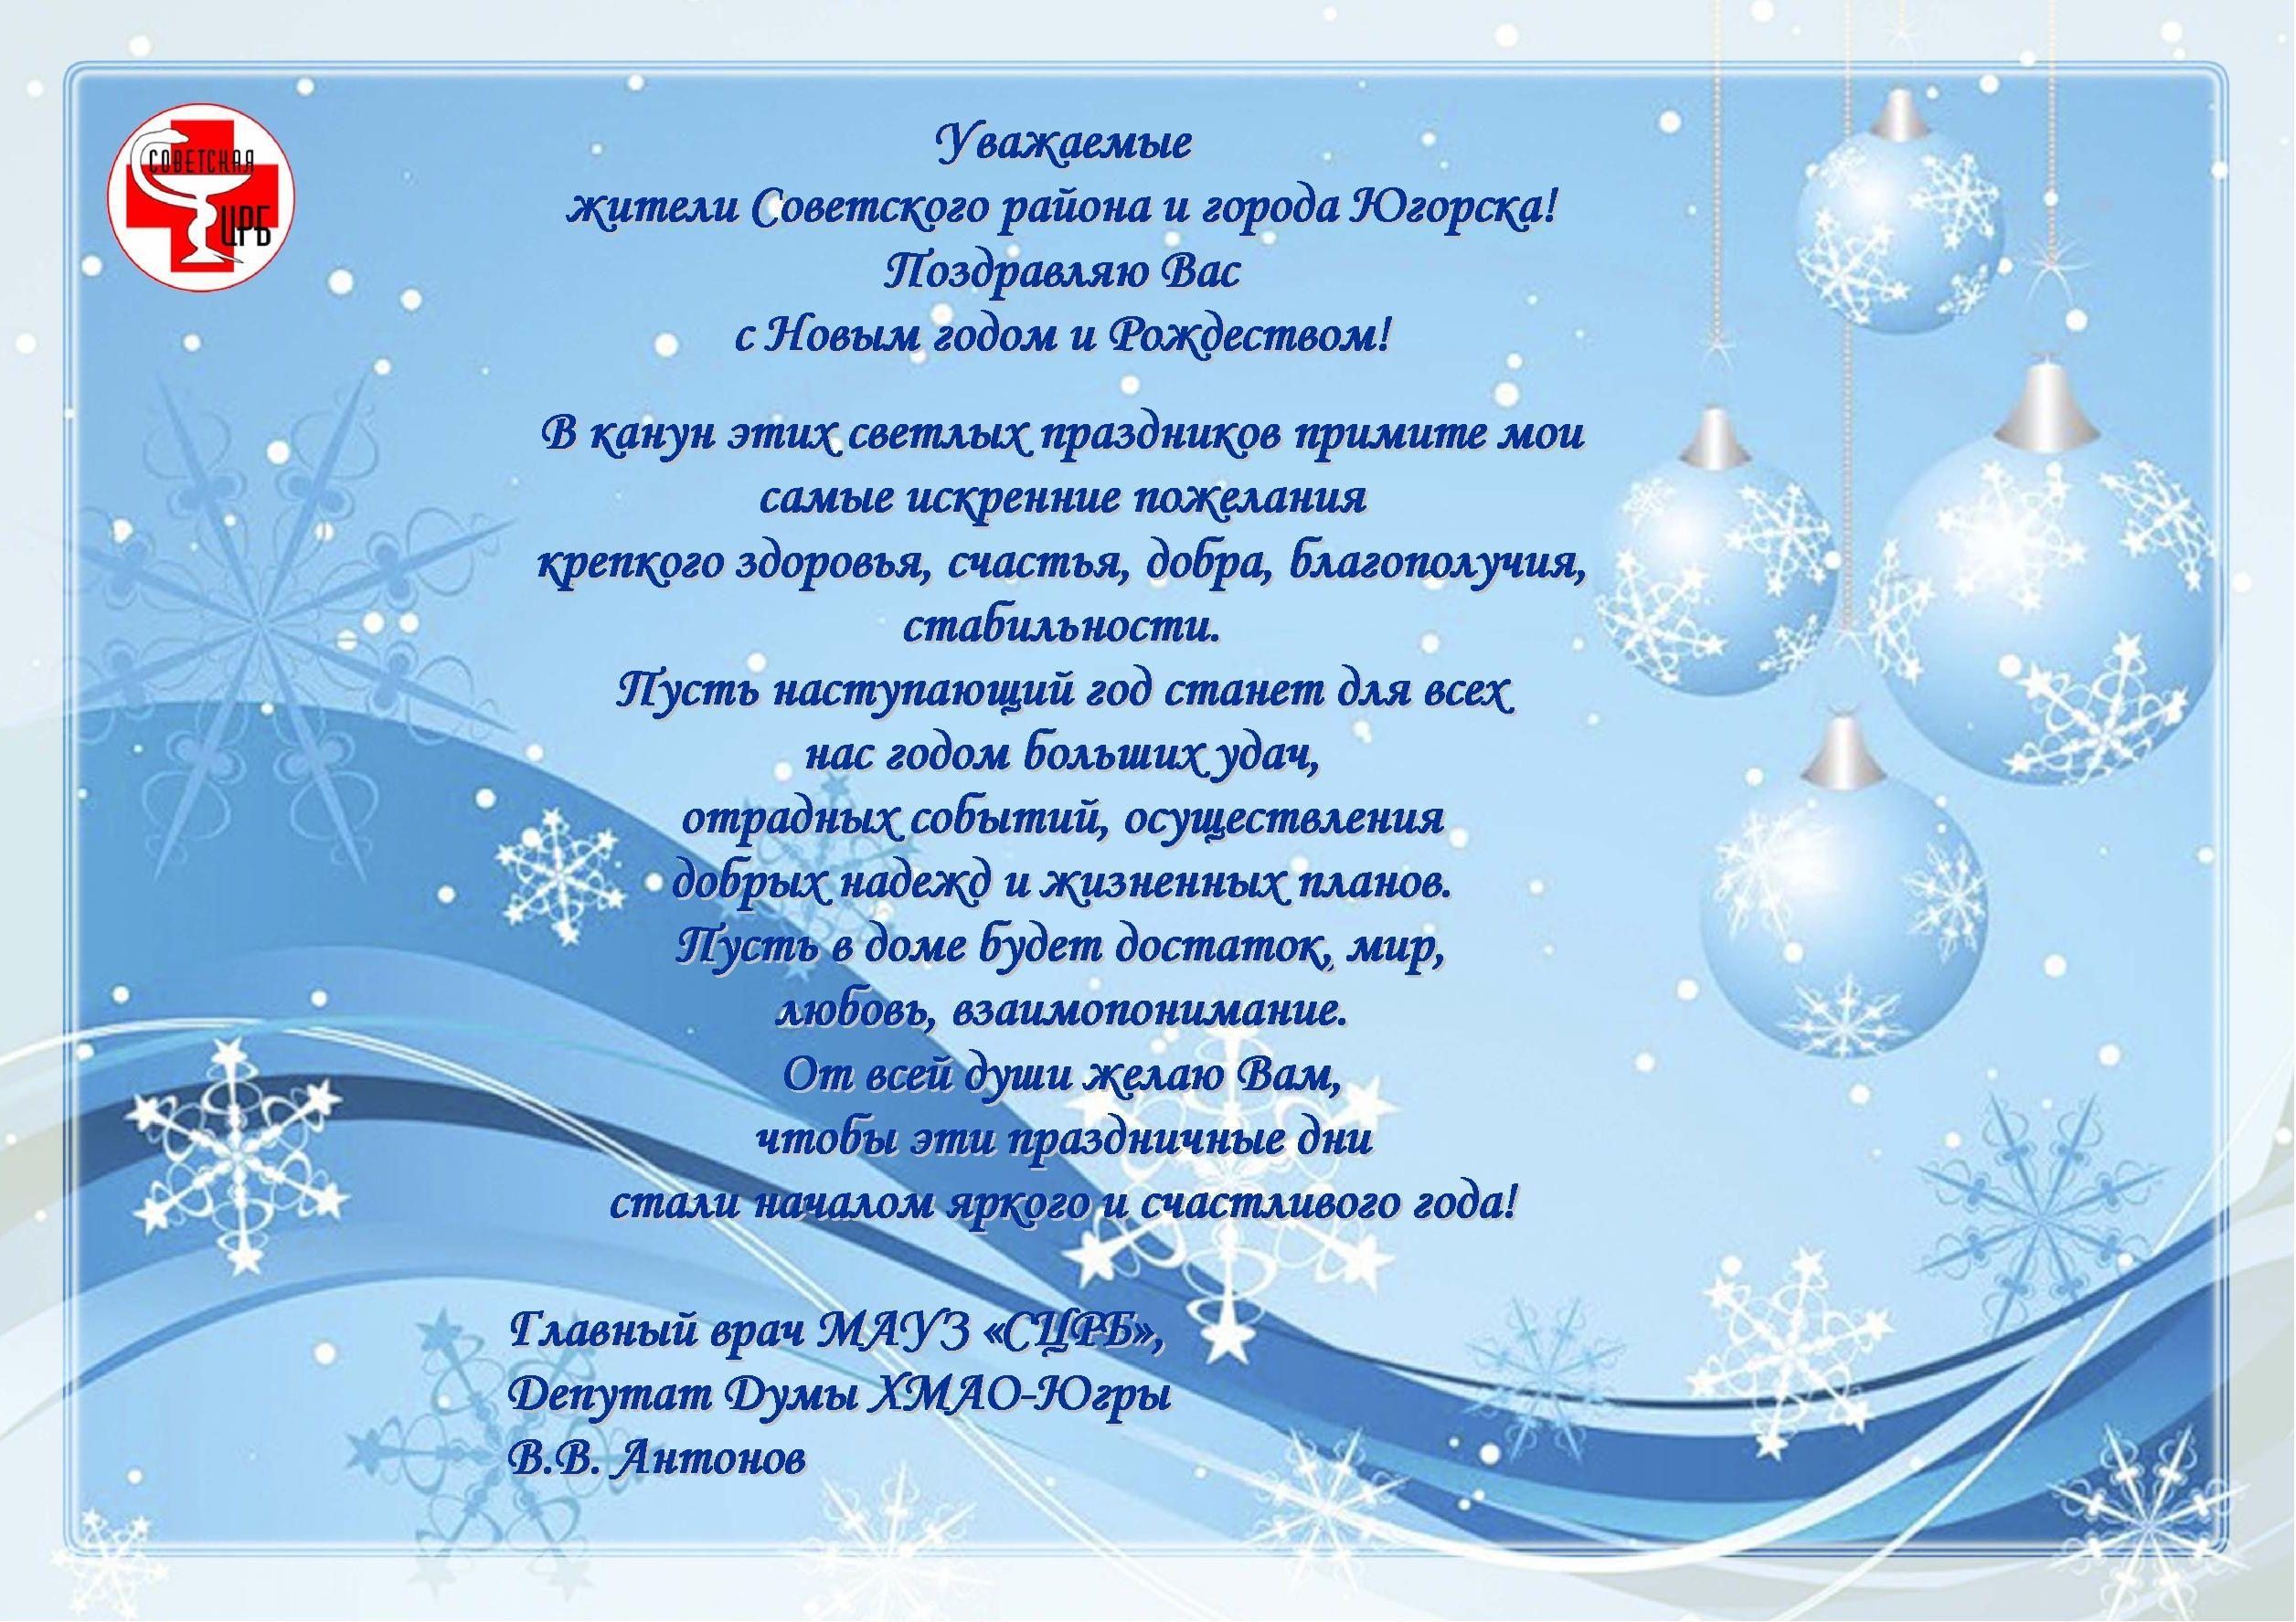 поздравления с новым годом коллег стоматологов клинковое